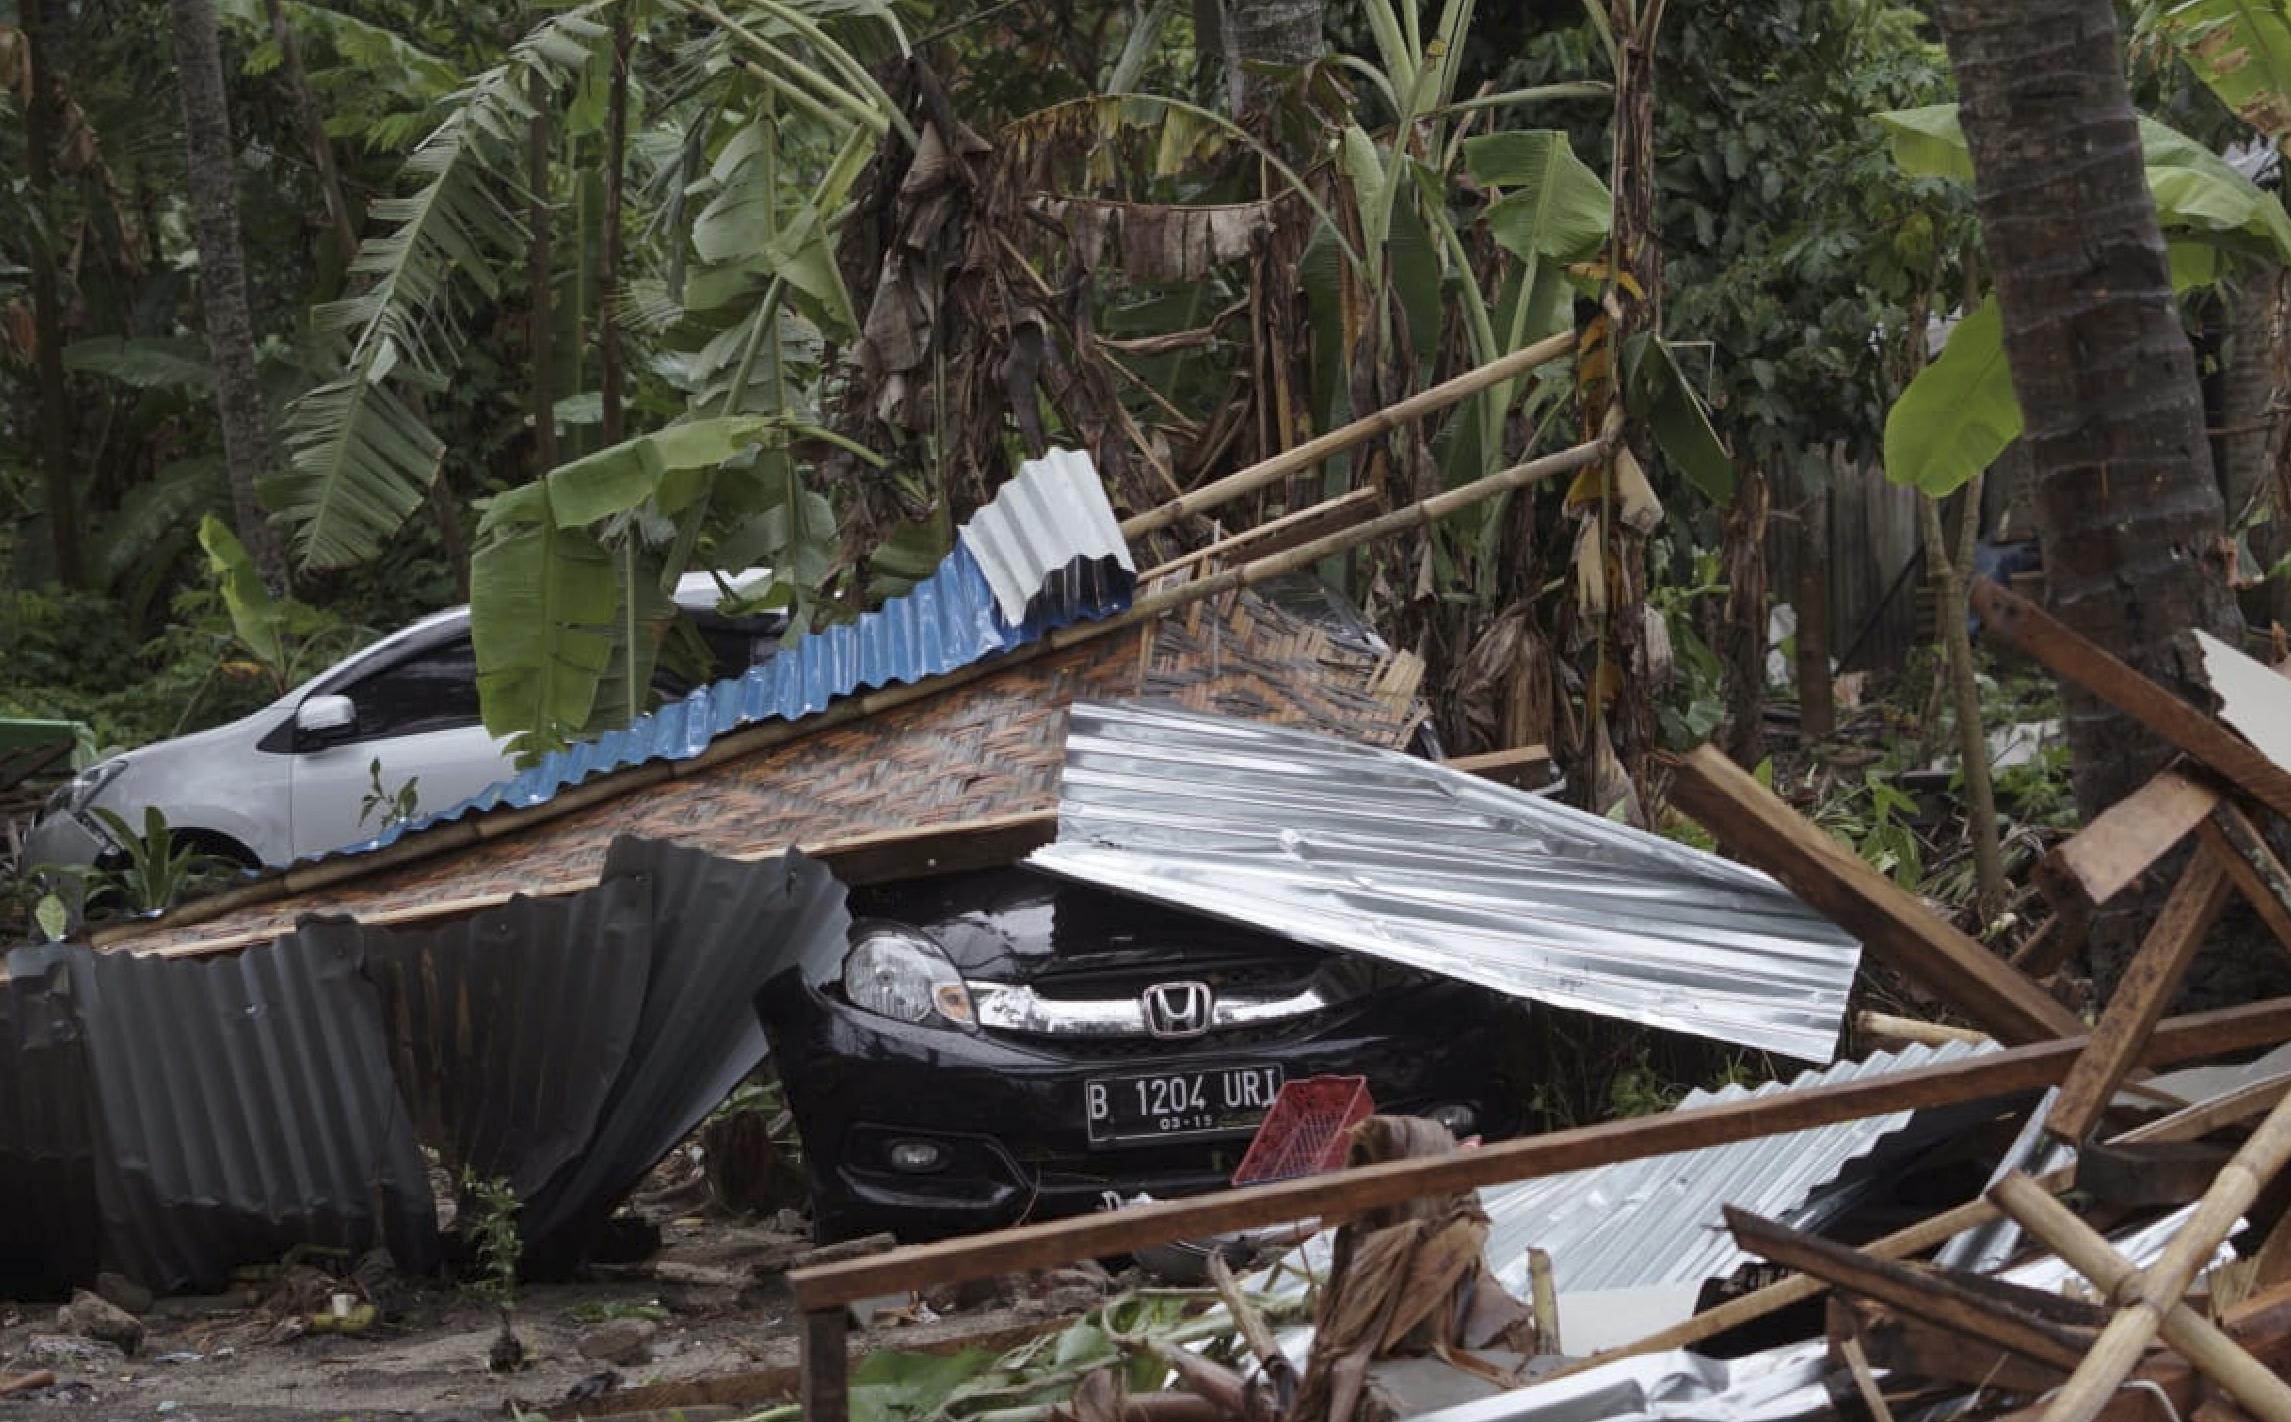 indonisia-xeperasan-toys-220-oi-nekroi-apo-to-tsoynami-meta-tin-ekrixi-ifaisteioy-fotografies-amp-8211-vinteo13